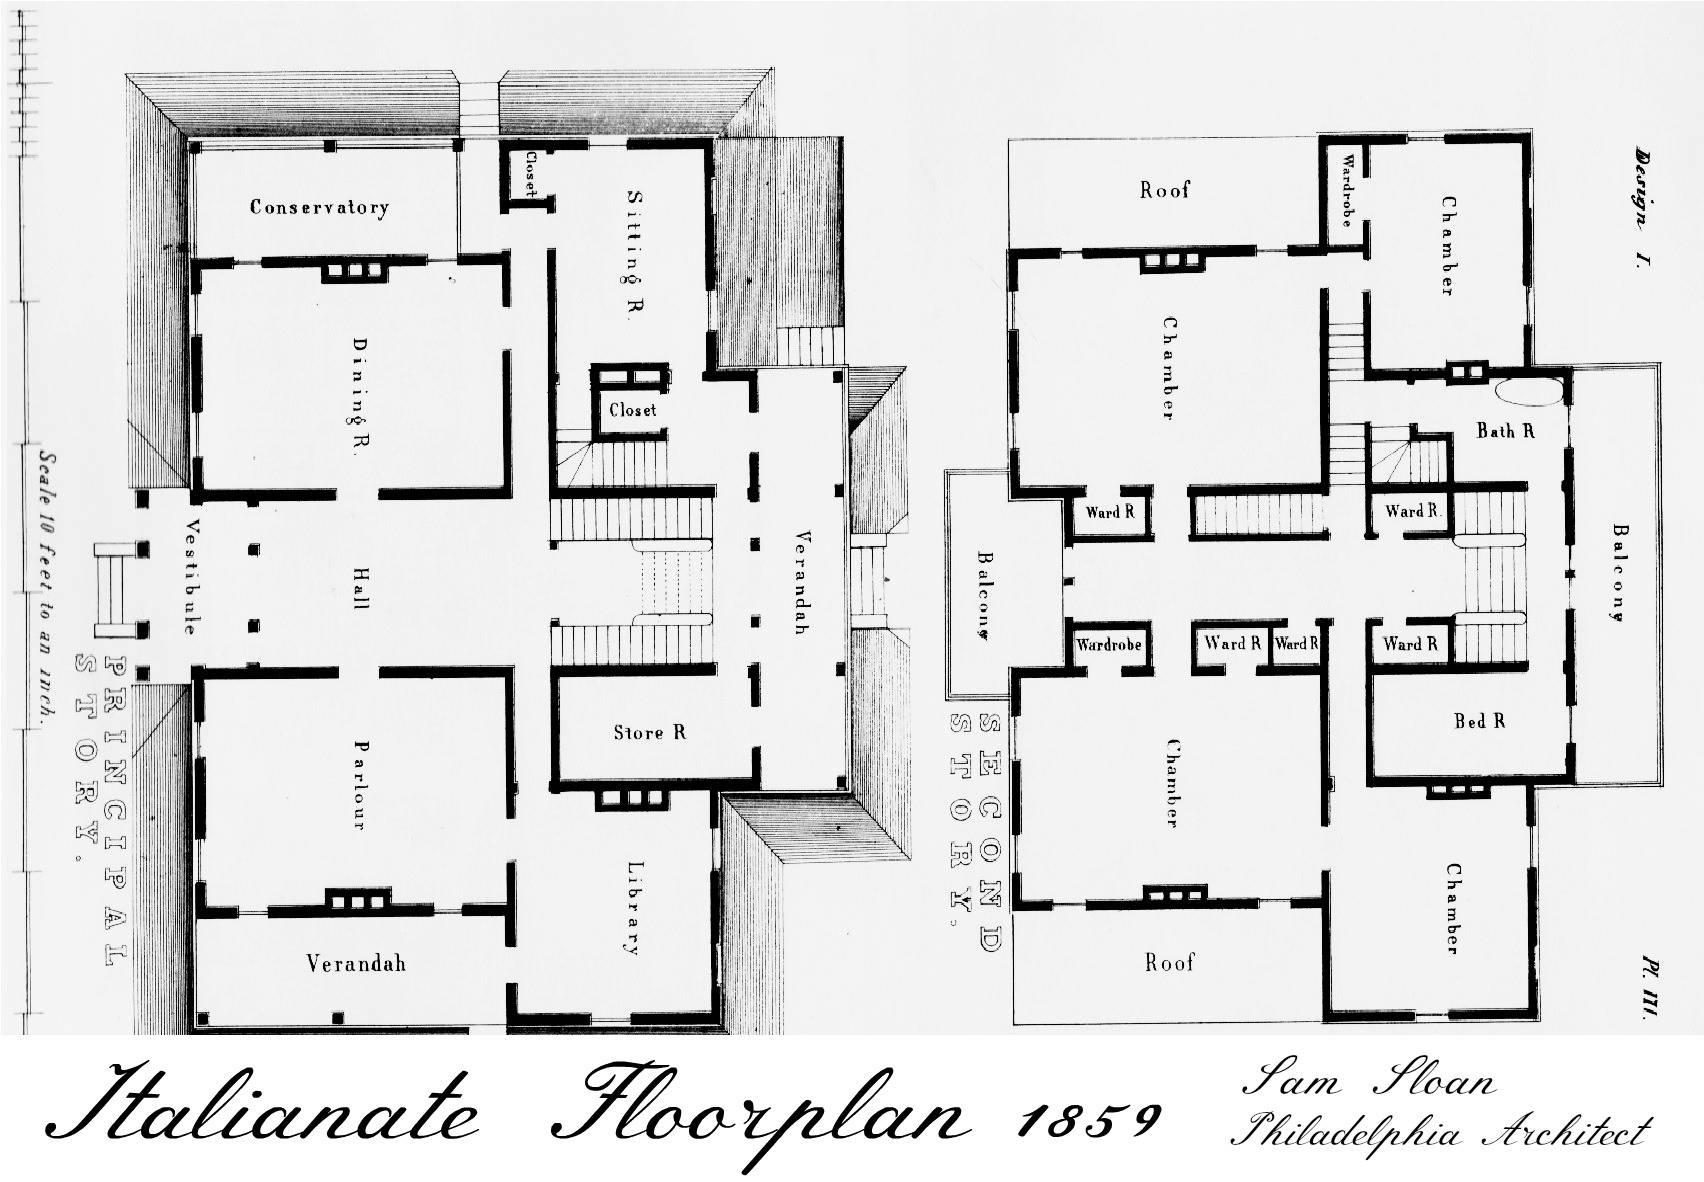 house plans secret passageways but then not